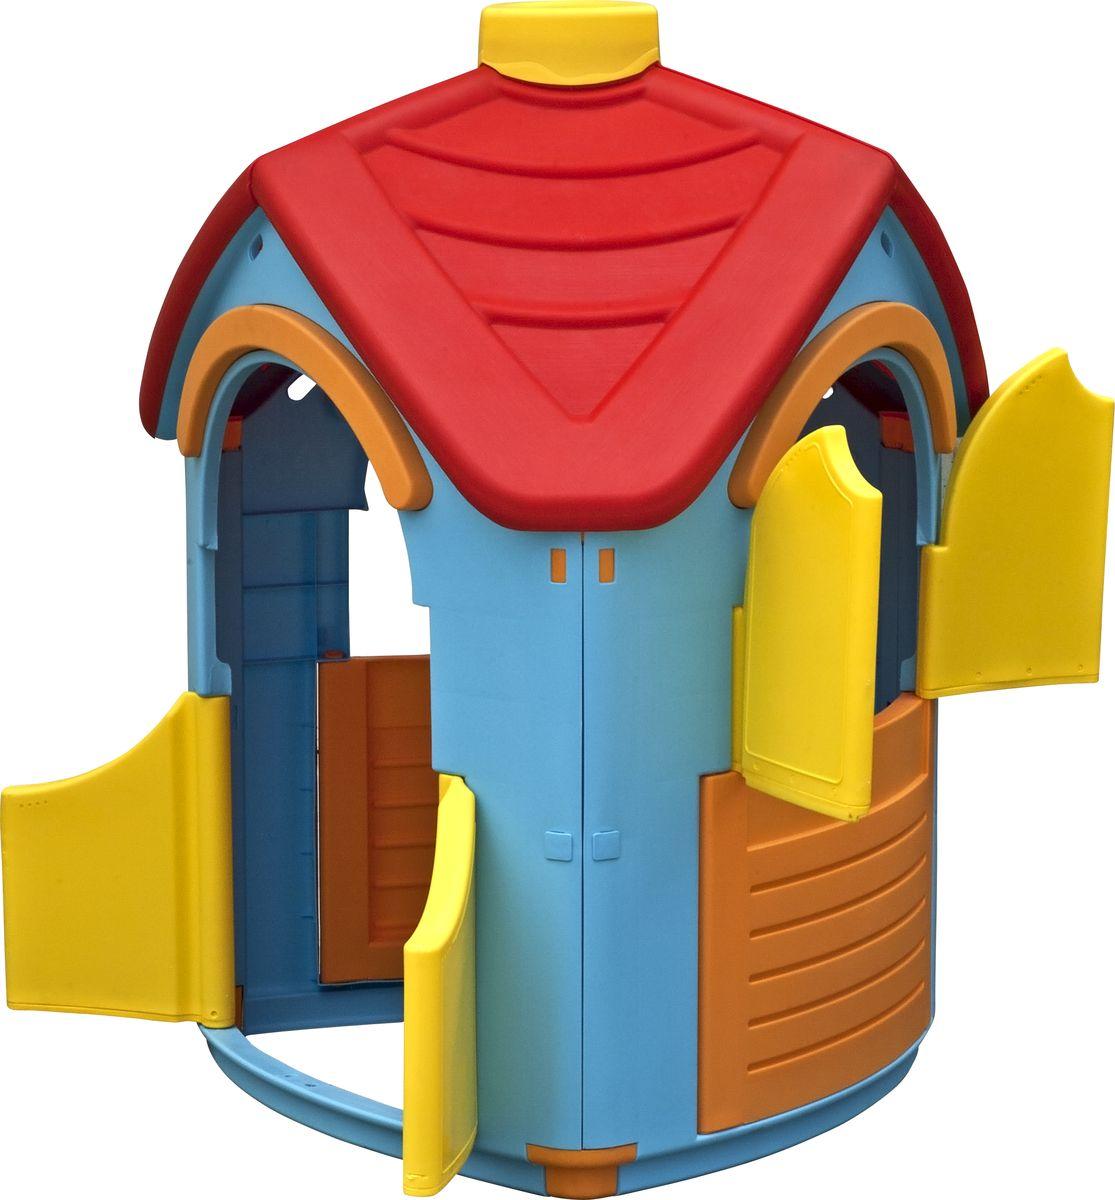 Marian Plast Игровой домик Вилла660Домик Вилла – уникальная игрушка. В нем ребенок становится хозяином собственного «сказочного мира». В процессе игры малыш примеряет на себя различные социальные роли, тем самым происходит первичный процесс адаптации Когда ребенок играет с друзьями, у него улучшается коммуникативный процесс, что также важно для будущей жизни. Домик сделан из качественного пластика. Имеет красочный дизайн, имитирующий «реальный дом». Удобная конструкция позволяет легко собирать домик, а также без труда размещать его как в квартире, так и на природе. Детали домика соединяются и закрепляются специальными пластиковыми гайками, которые входят в комплект; конструкция домика очень надёжная и устойчивая; вход с двумя дверками, при закрывании фиксирующимися снизу; два больших окошка, одно со ставенками, при закрывании фиксирующиеся снизу.